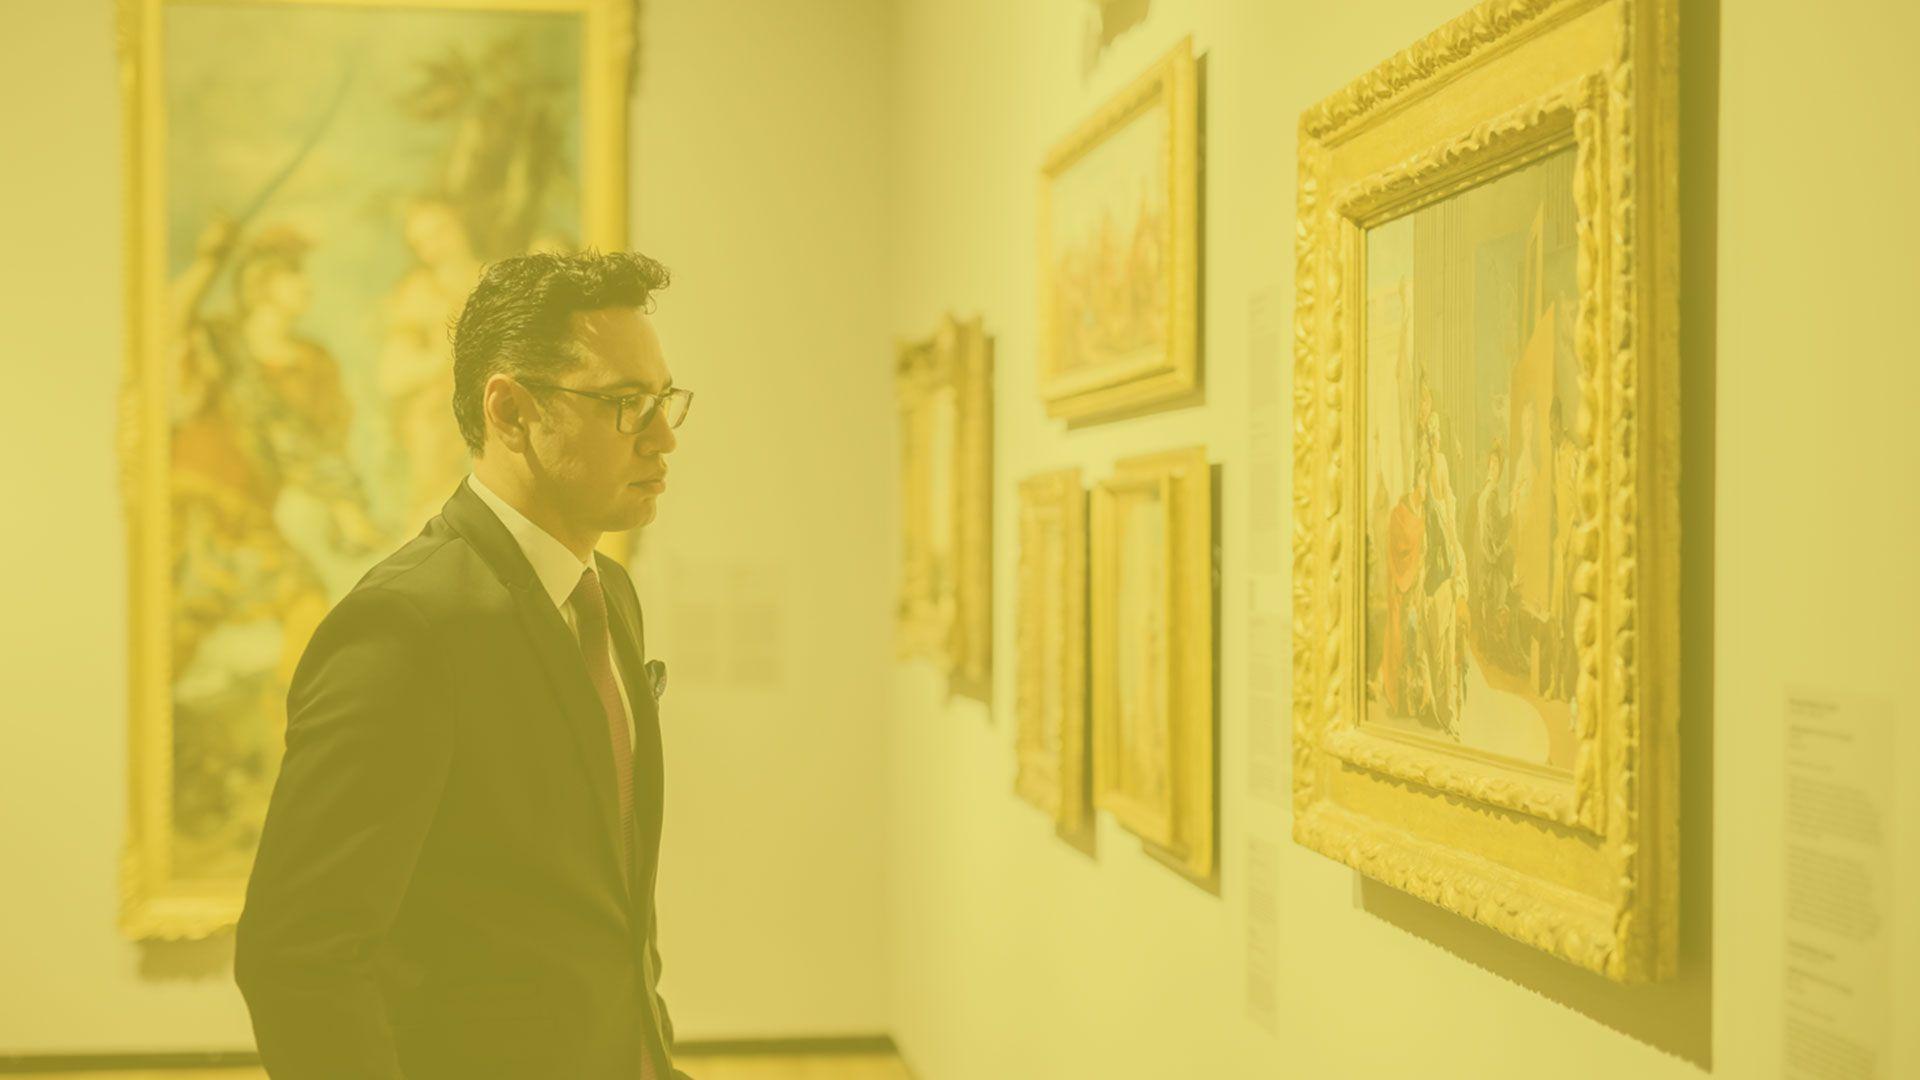 Un homme seul regarde un tableau.